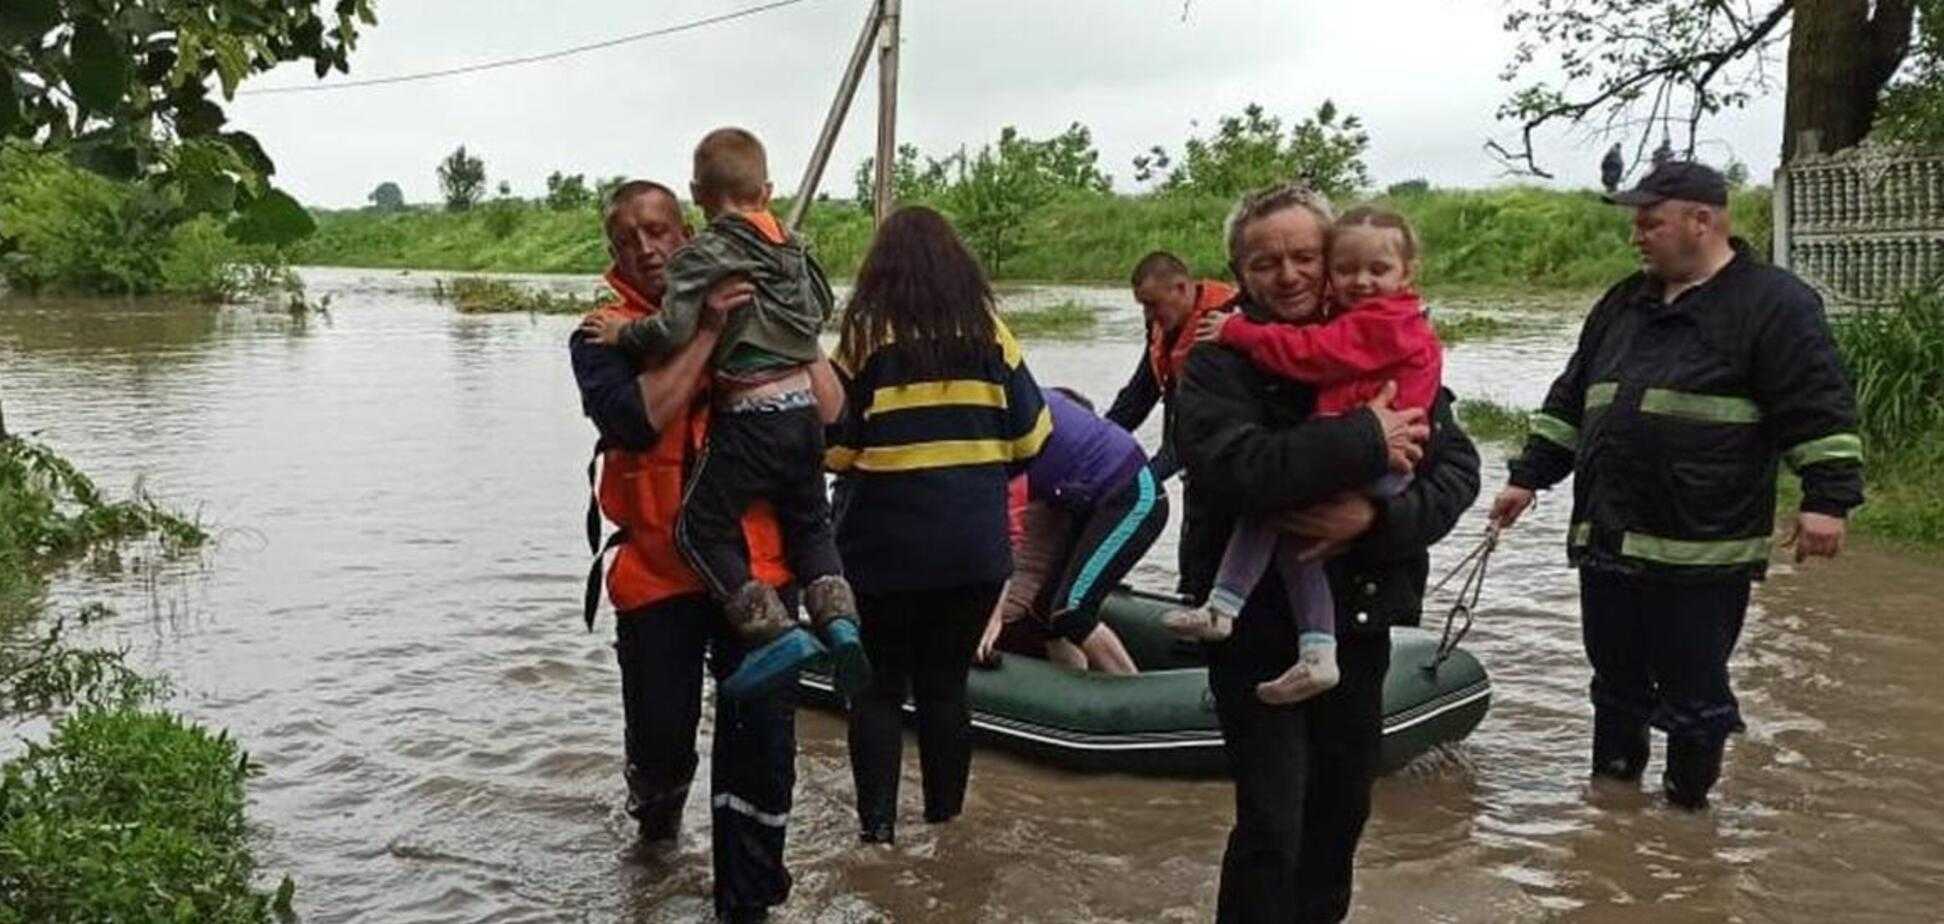 На Прикарпатье разгорелся скандал из-за выплат жертвам наводнения